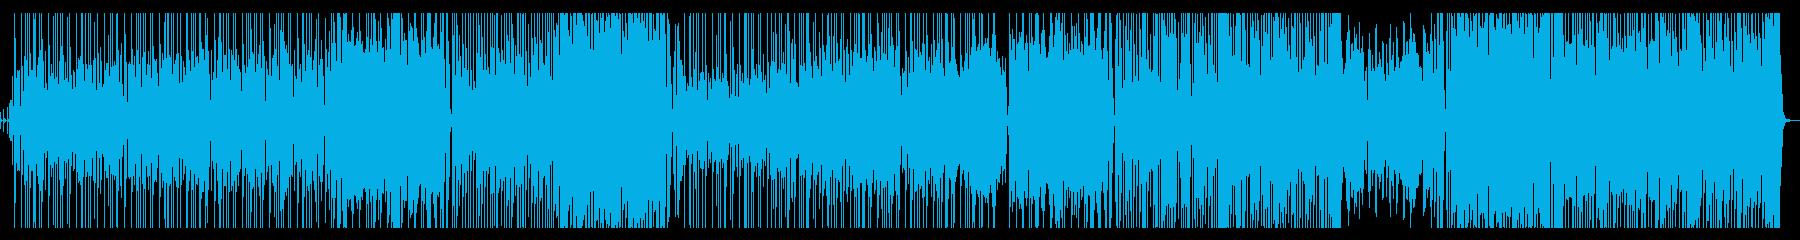 ジャジーに「足音」を表現したGtインストの再生済みの波形